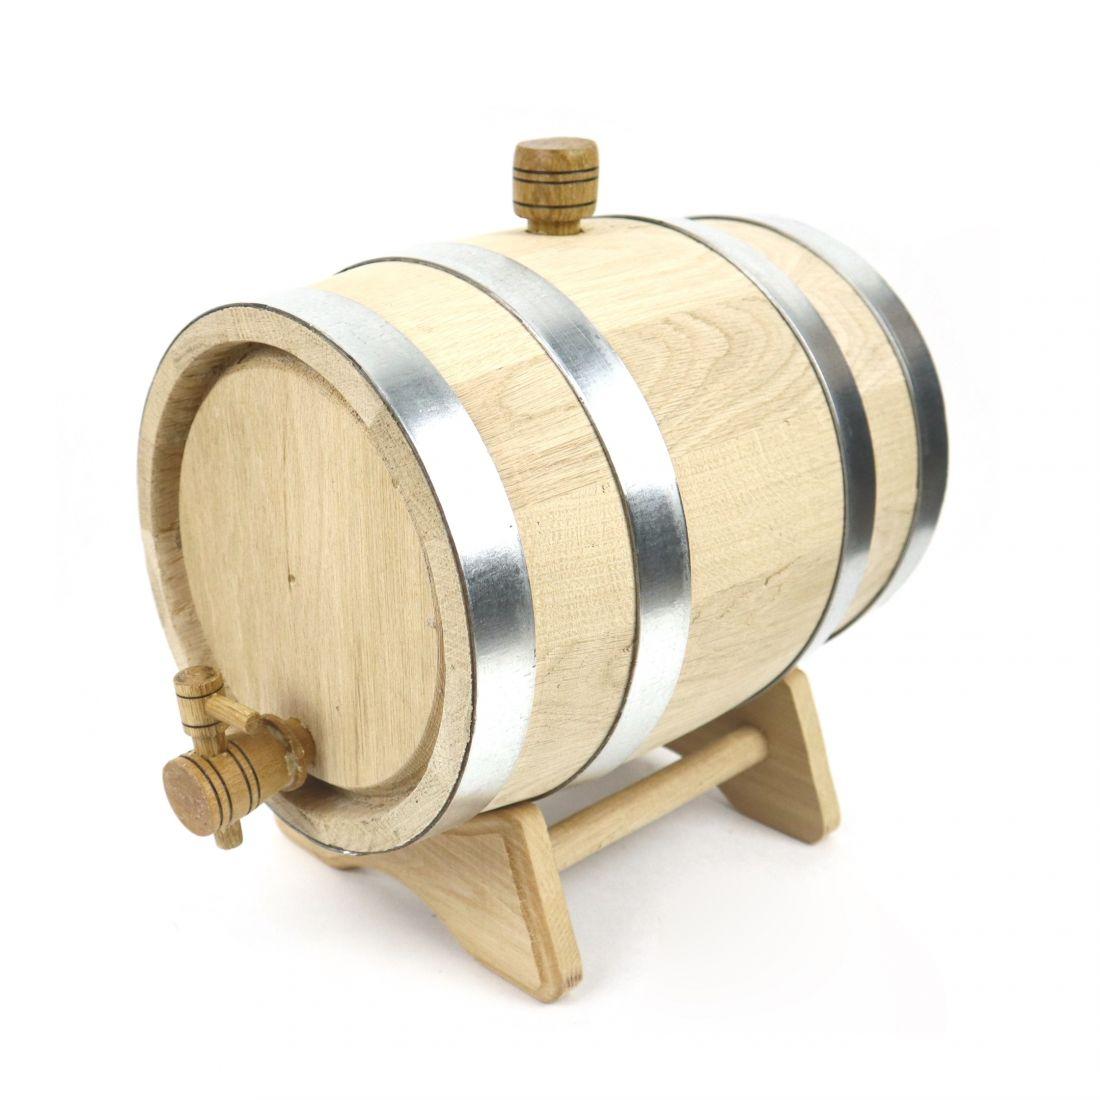 Бочка дубовая Стандарт (черешчатый дуб), 5 литров